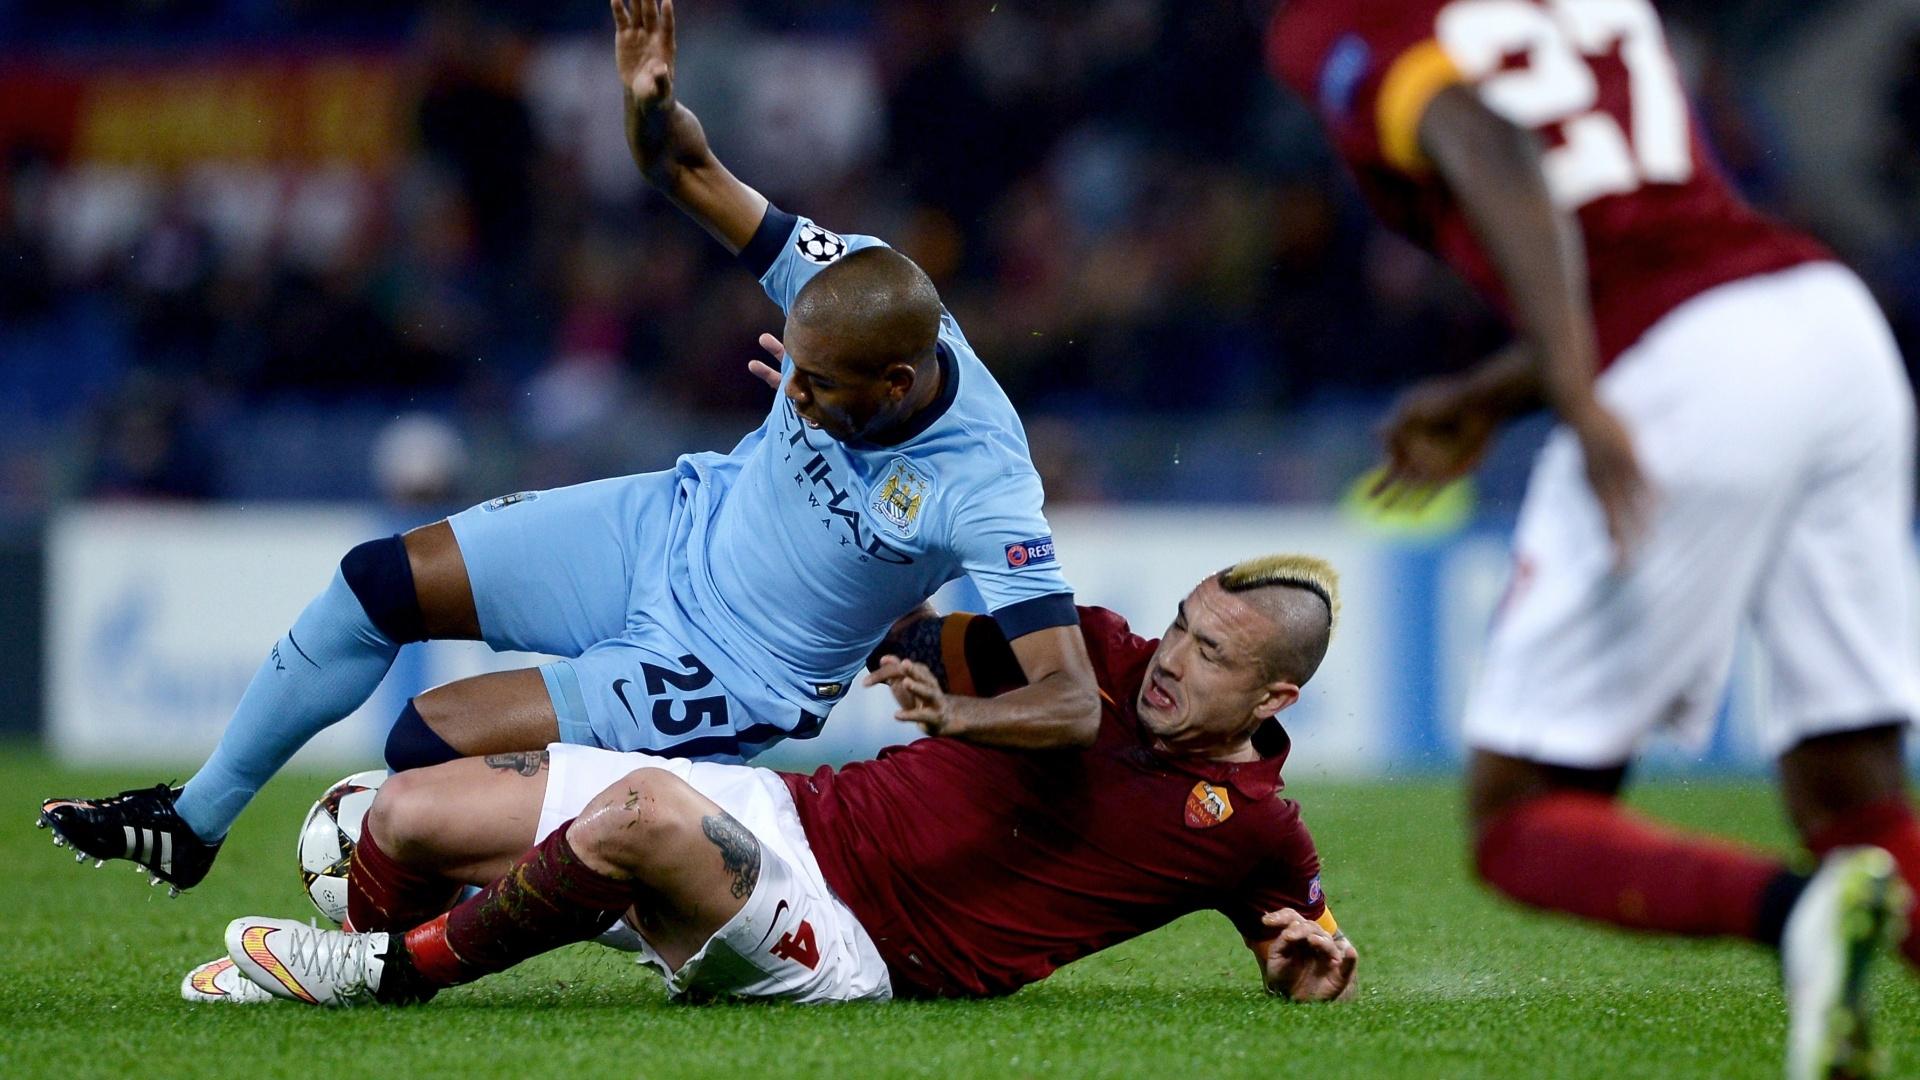 Nianggolan, da Roma, dá carrinho em volante brasileiro Fernandinho, do Manchester City